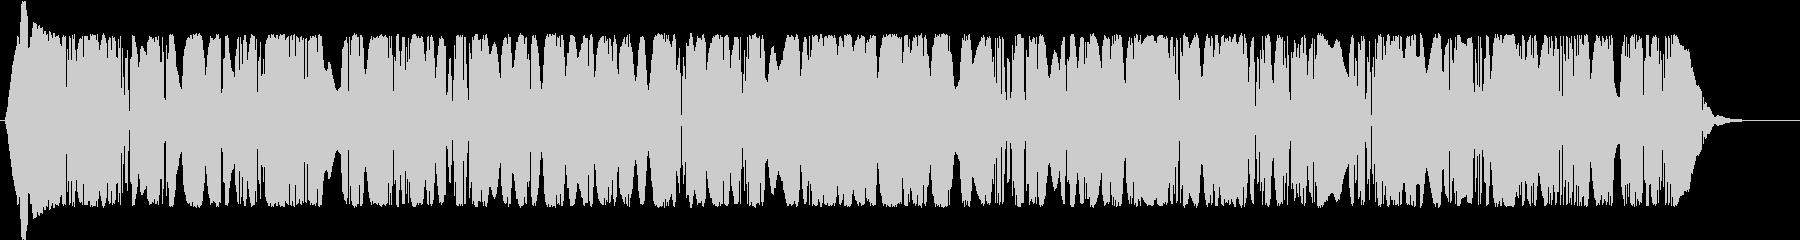 チューニングの未再生の波形